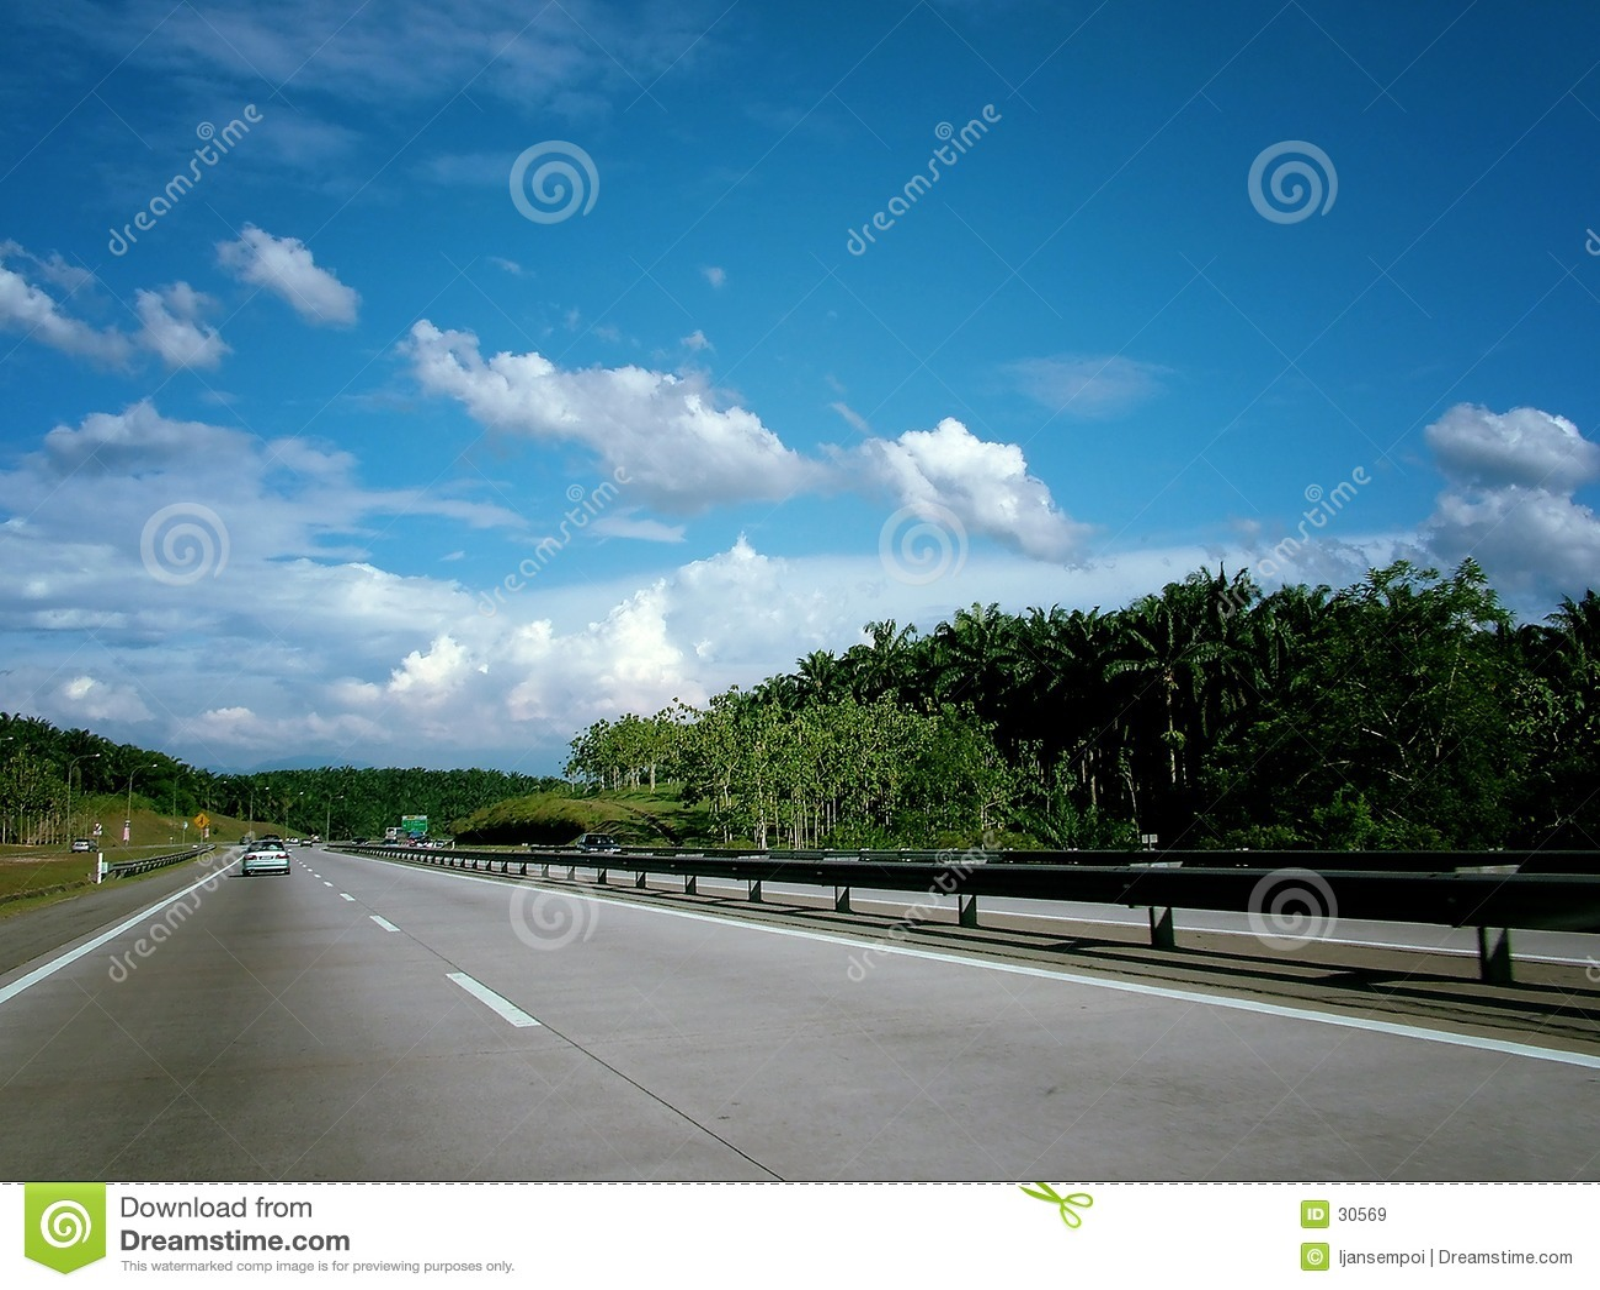 Download Carretera imagen de archivo. Imagen de asiático, manera - 30569